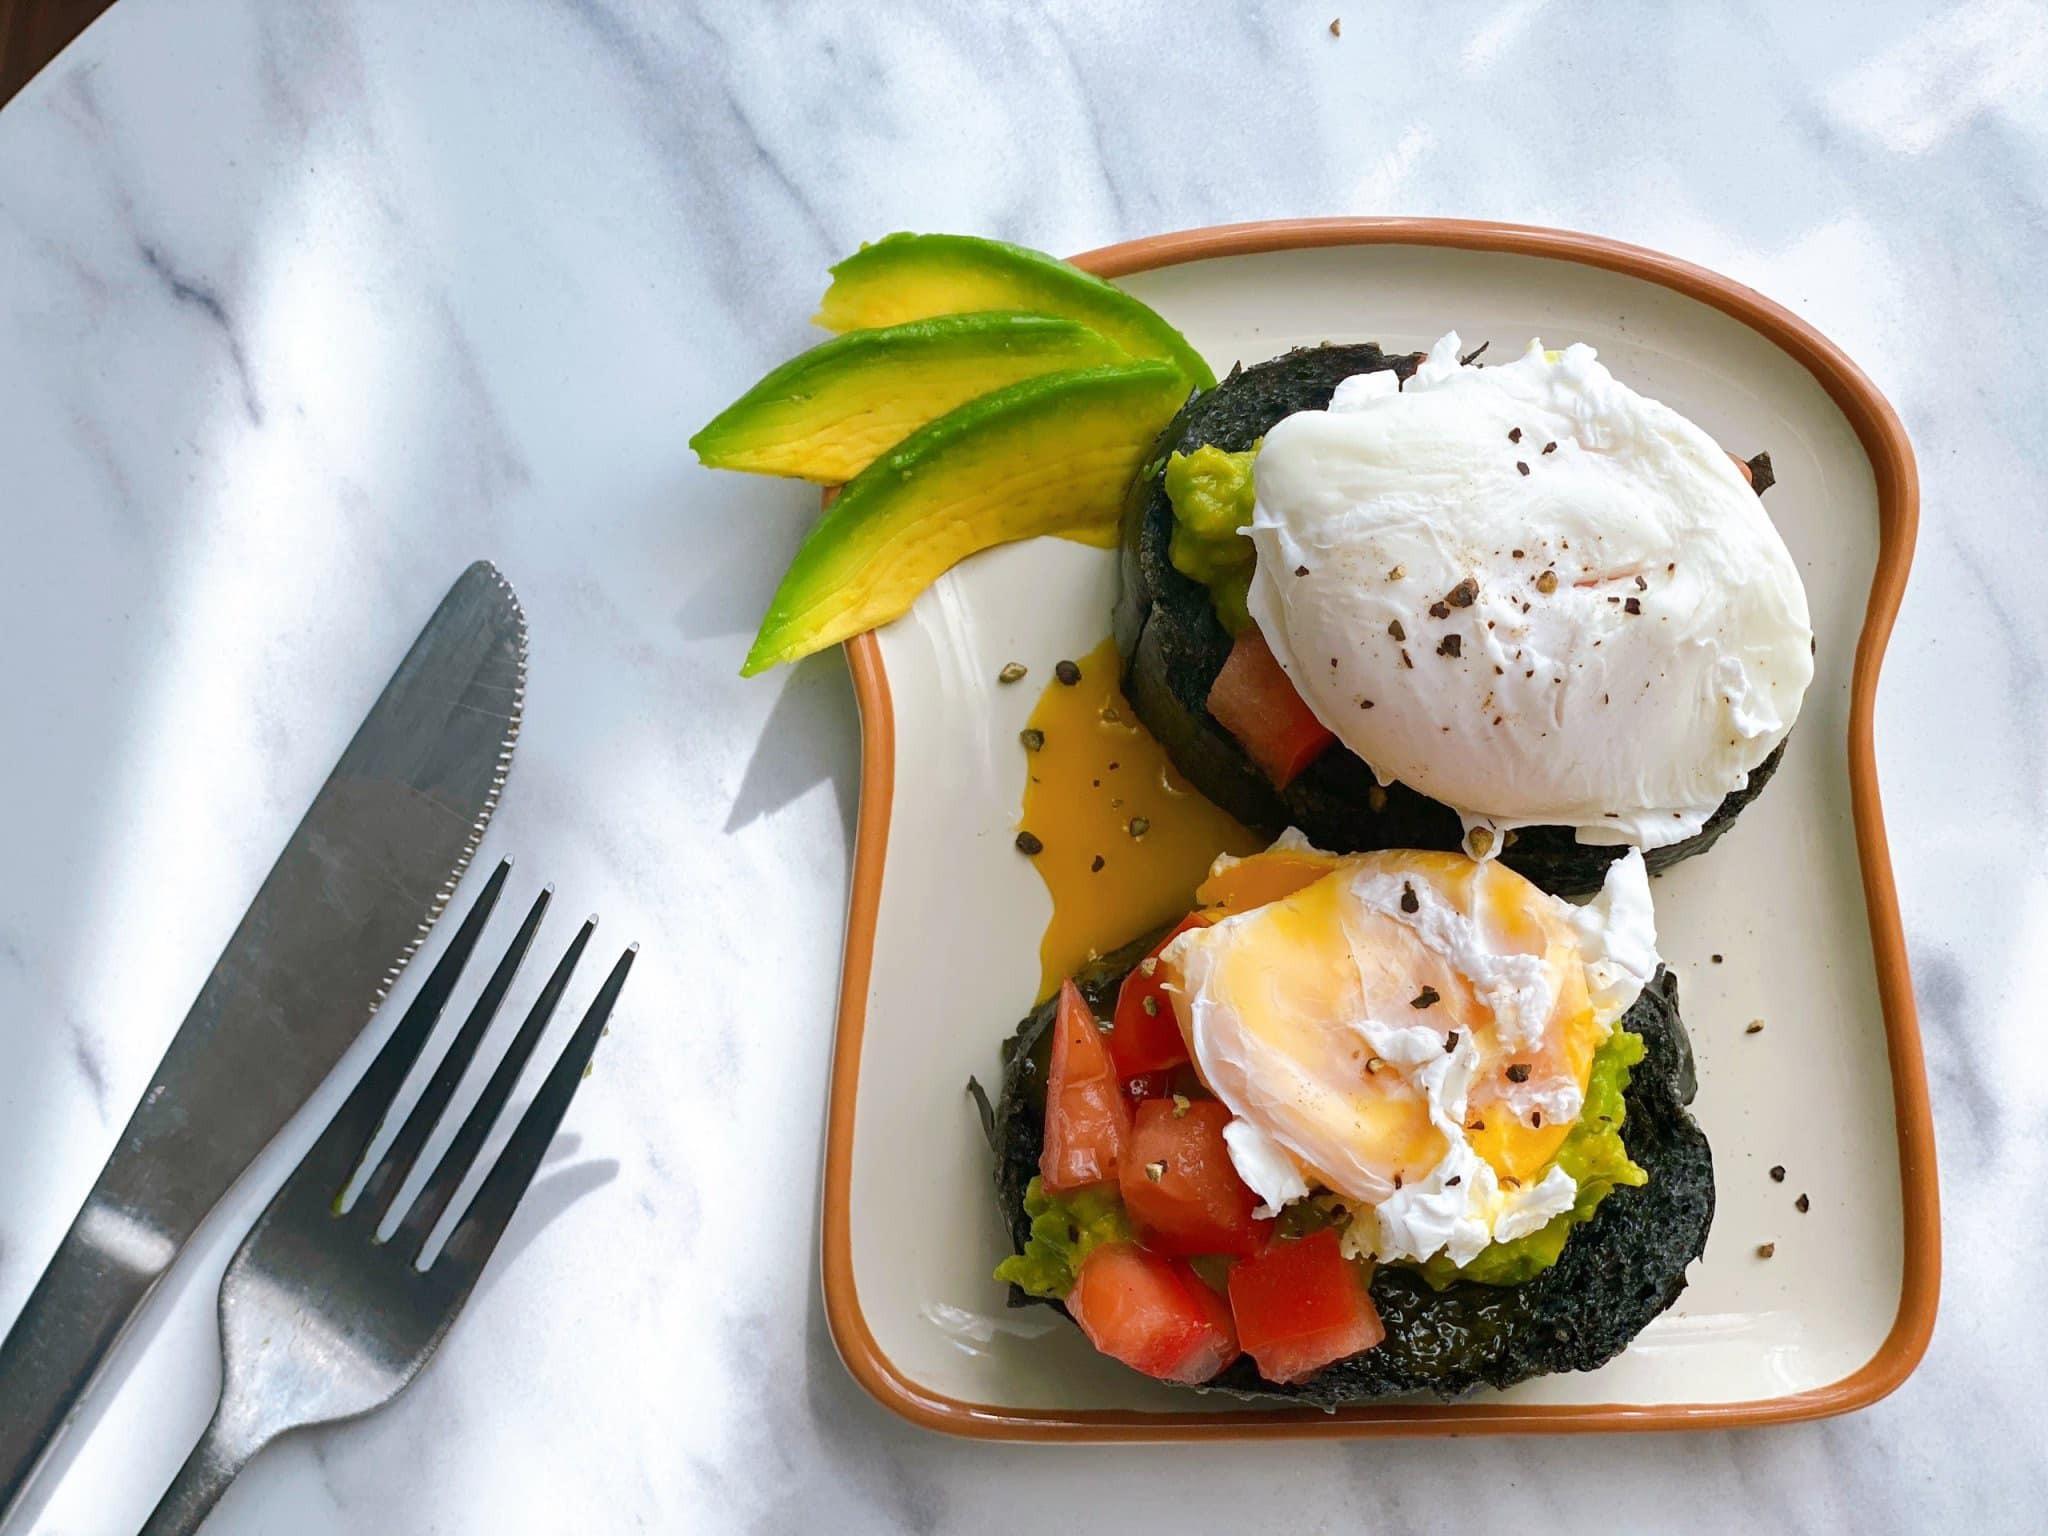 Bày biện, trang trí món ăn đẹp mắt cũng là cách để tạo động lực, kiên trì với chế độ ăn uống lành mạnh, khoa học.